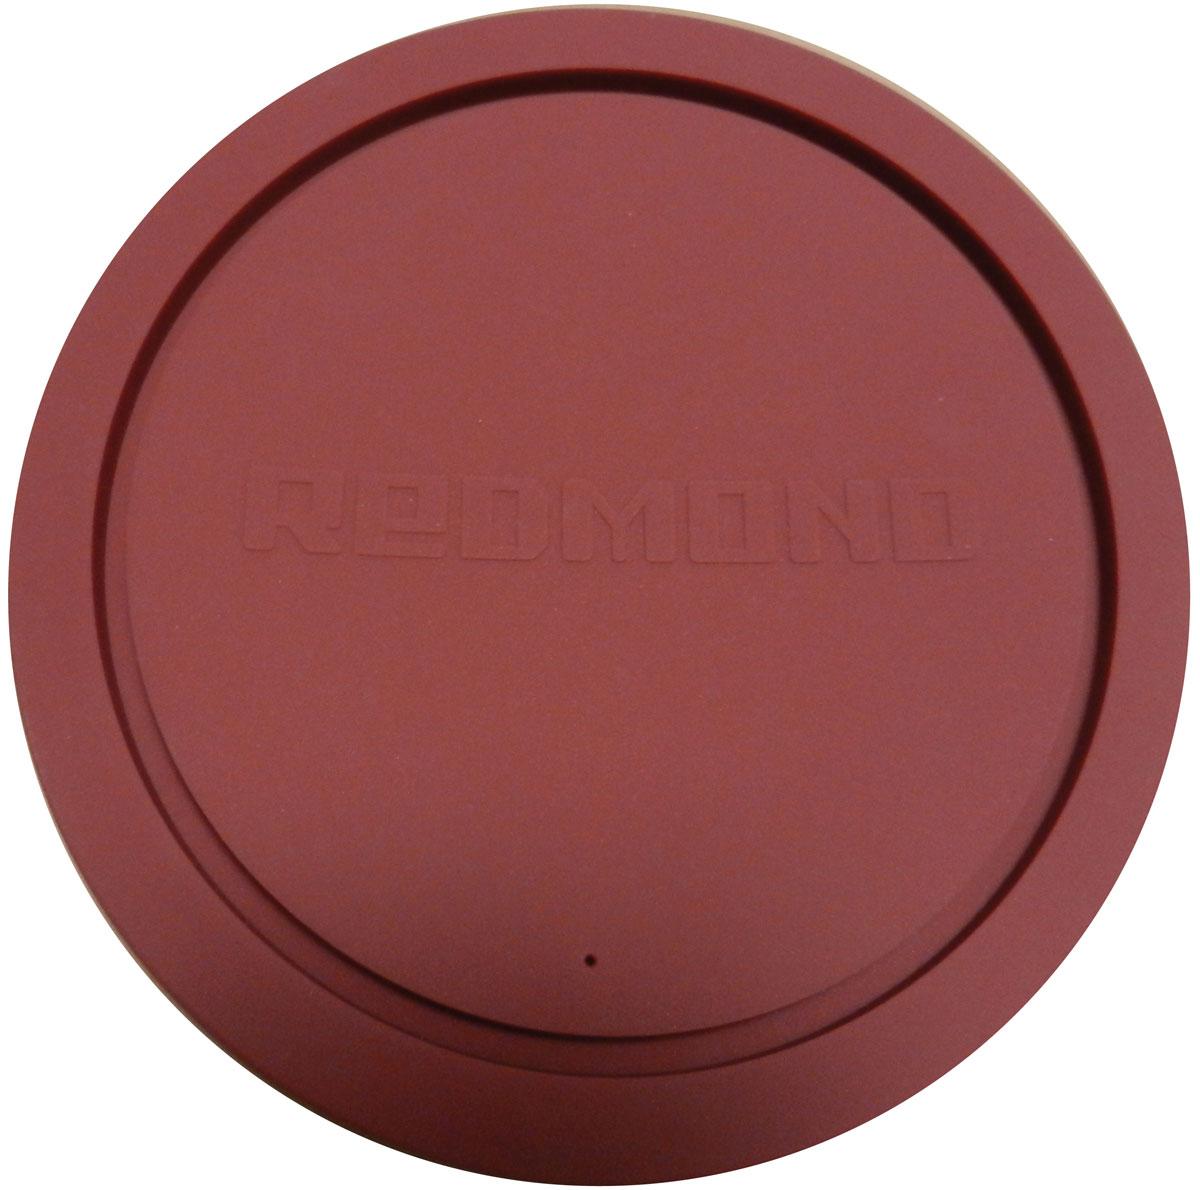 Redmond RAM-PLU1-Eкрышка для чаши мультиварки Redmond